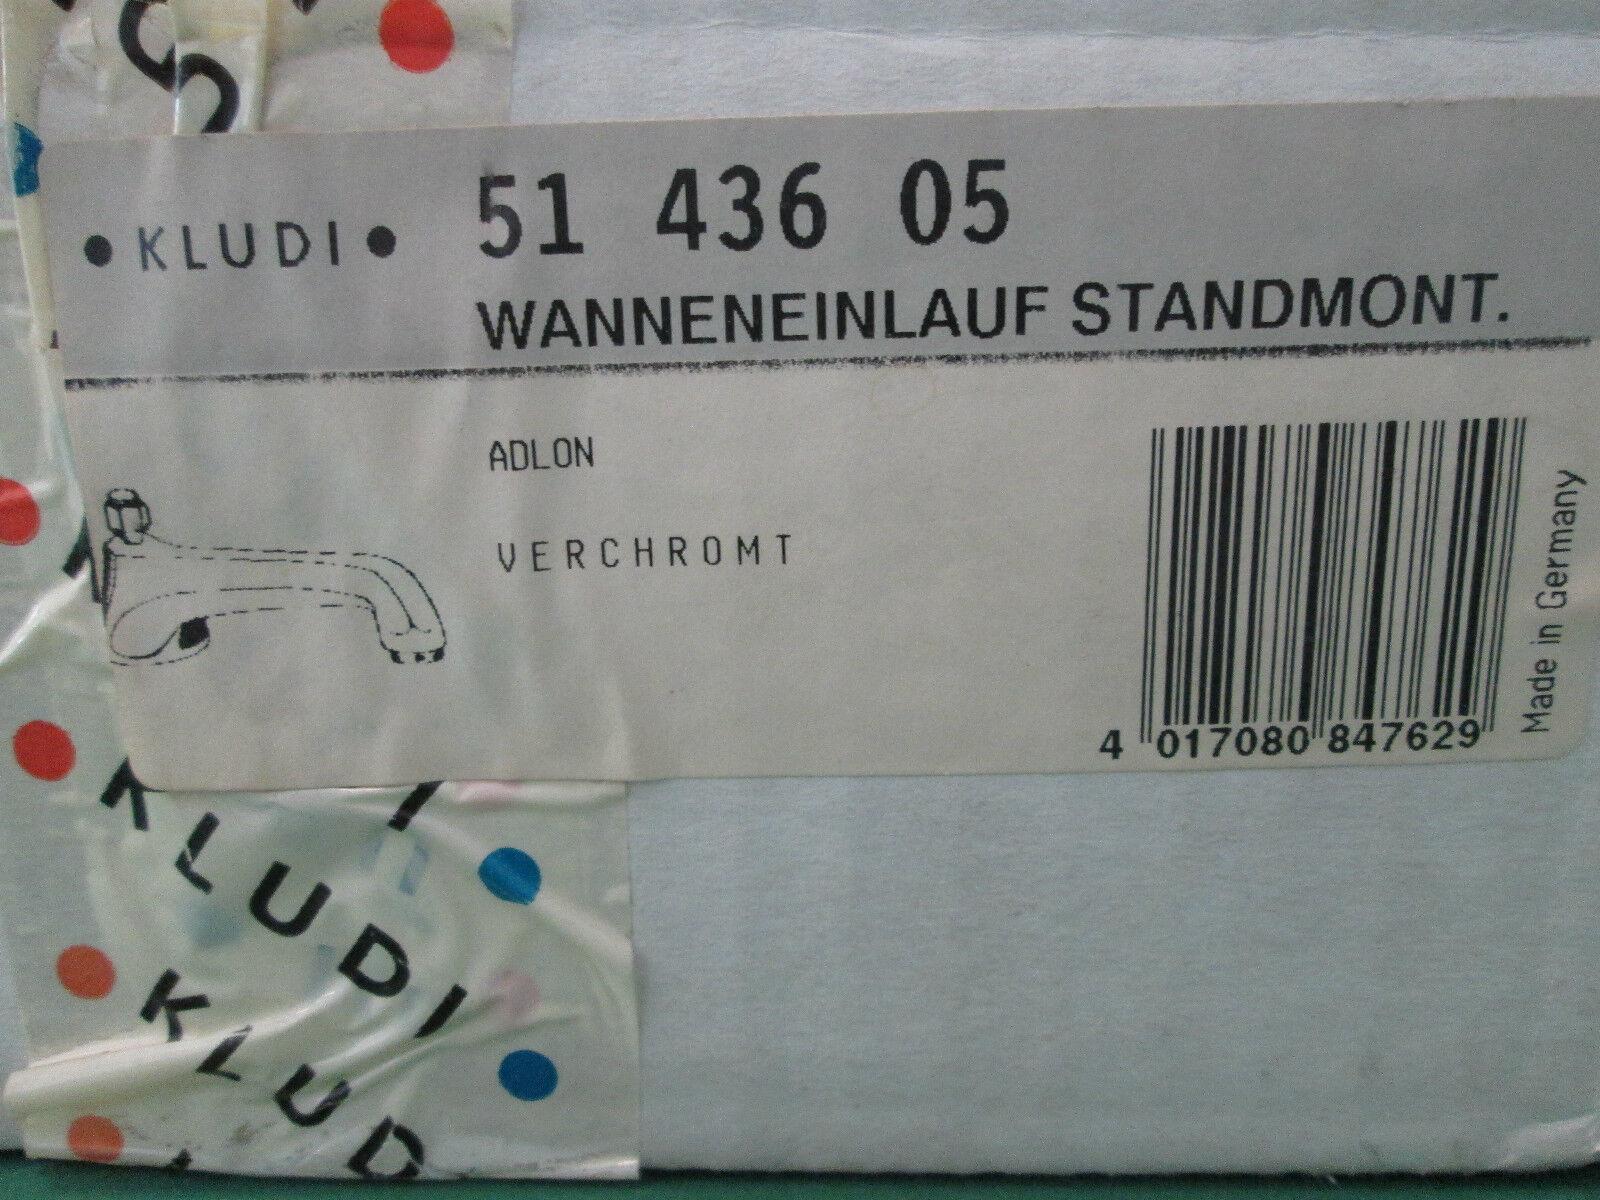 Kludi Adlon Wanneneinlauf Standmontage 5143605 verchromt